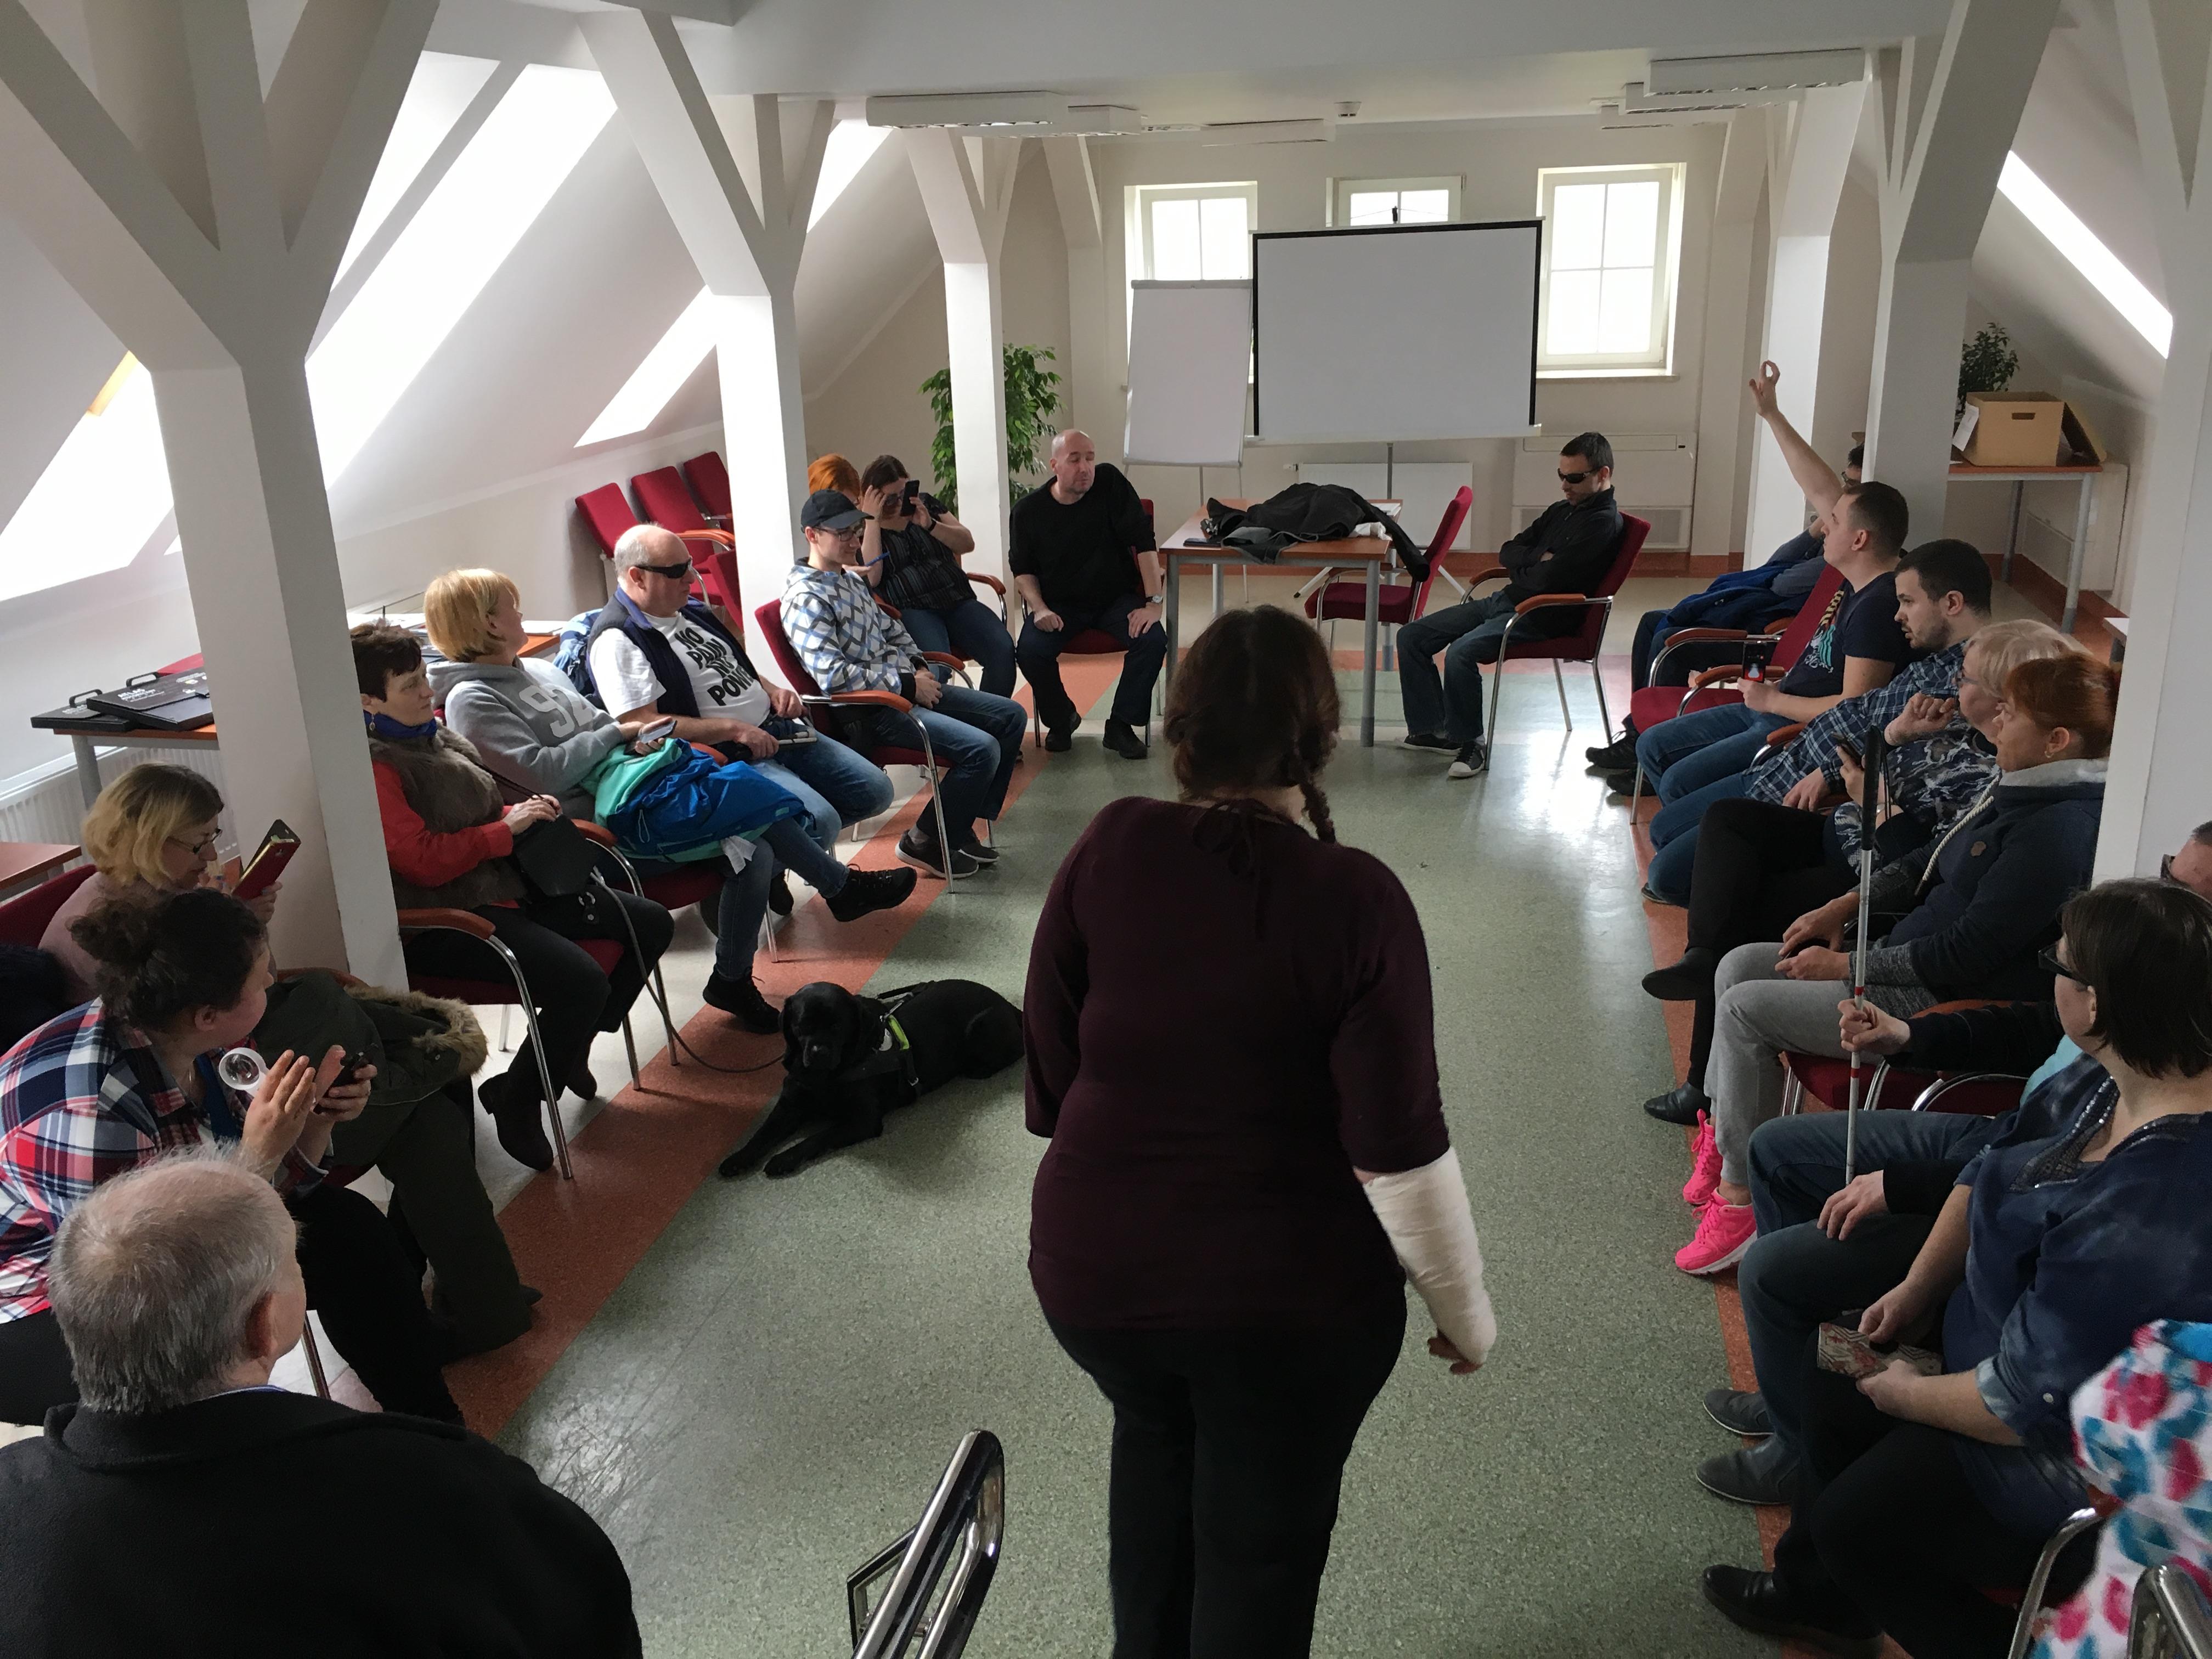 Duża grupa uczestników siedząca w białej Sali na krzesłach ustawionych po owalu, z przodu widoczna stojąca sylwetka   kobiety w warkoczach,  ubranej w ciemną bluzkę i spodnie , na dalszym planie jeden z uczestników podnosi wysoko rękę. Na tle  jednej z białych ścian, wszystkie z oknami, stoi tablica.